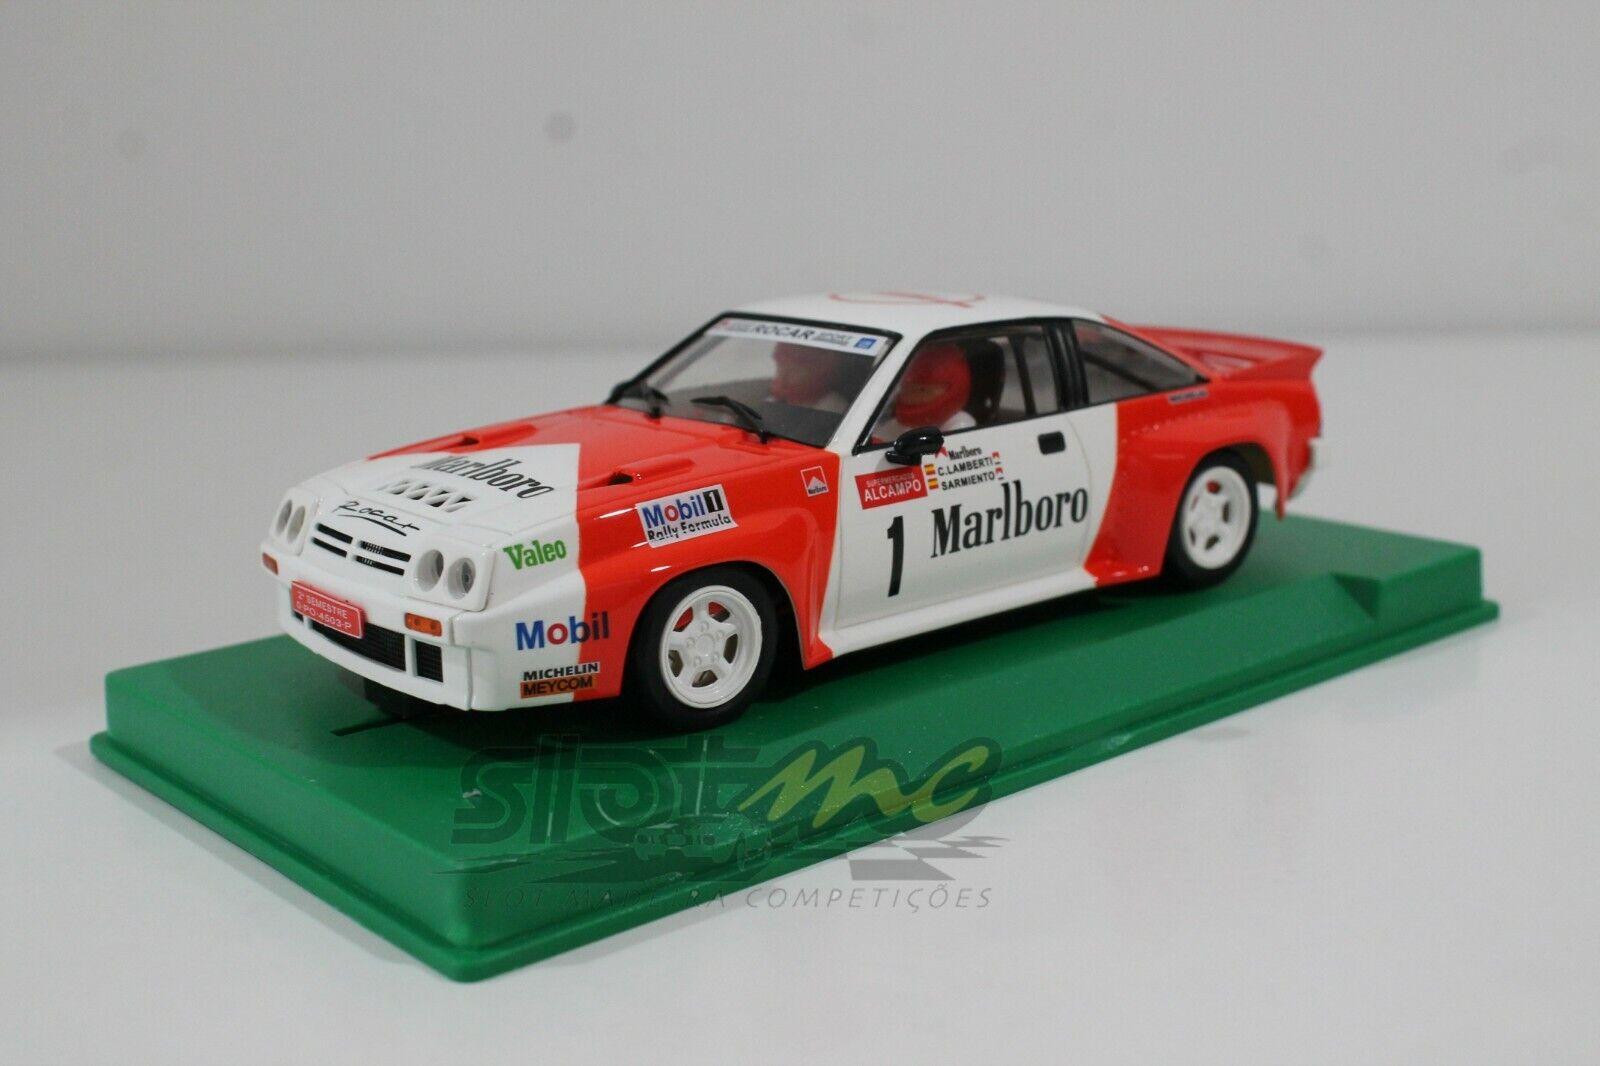 Avant Slot 51503 Opel Manta No.1 Marlbgold 1 32  NEW